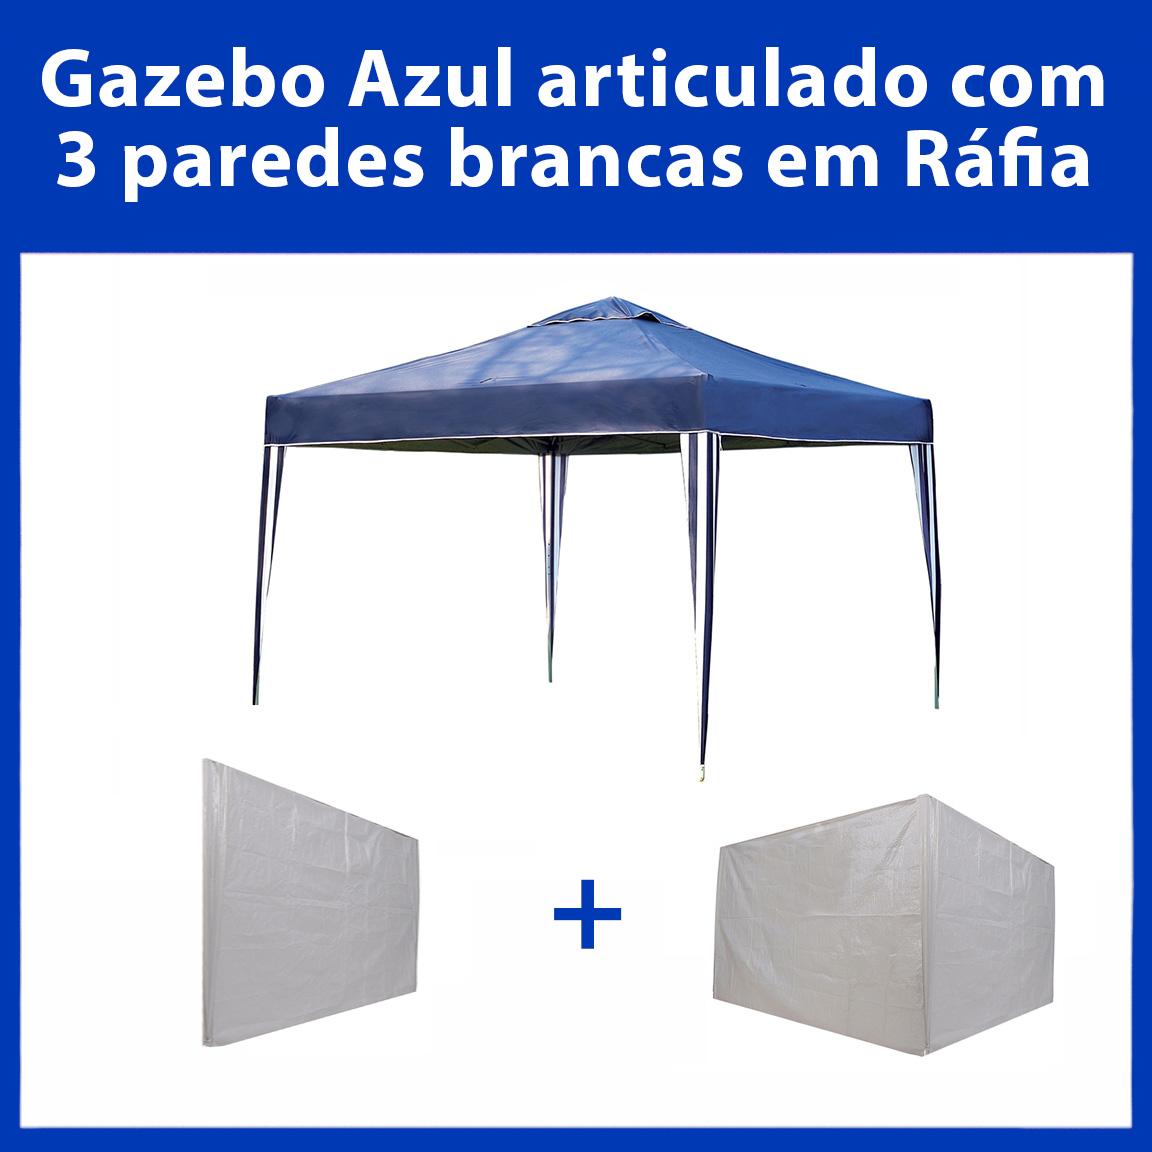 Gazebo 3x3 Articulado Azul em Aço + 3 Paredes Brancas de Ráfia Eleva Mundi